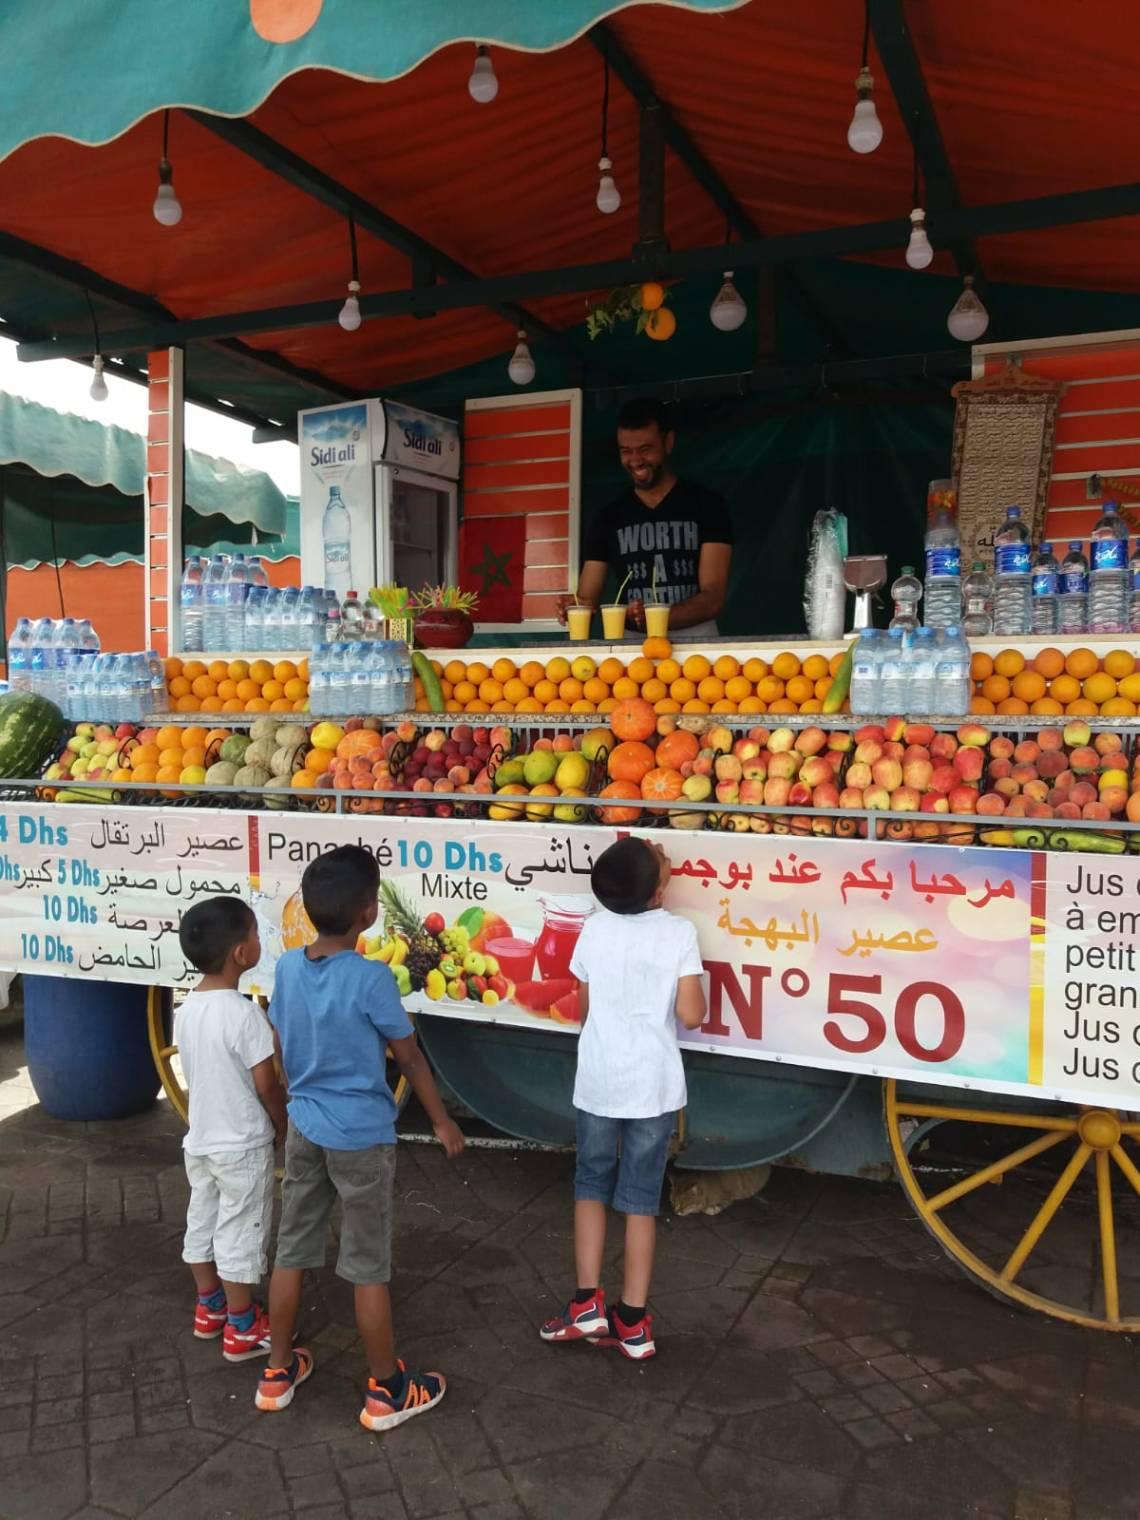 orange juice stand in Jemaa el Fna